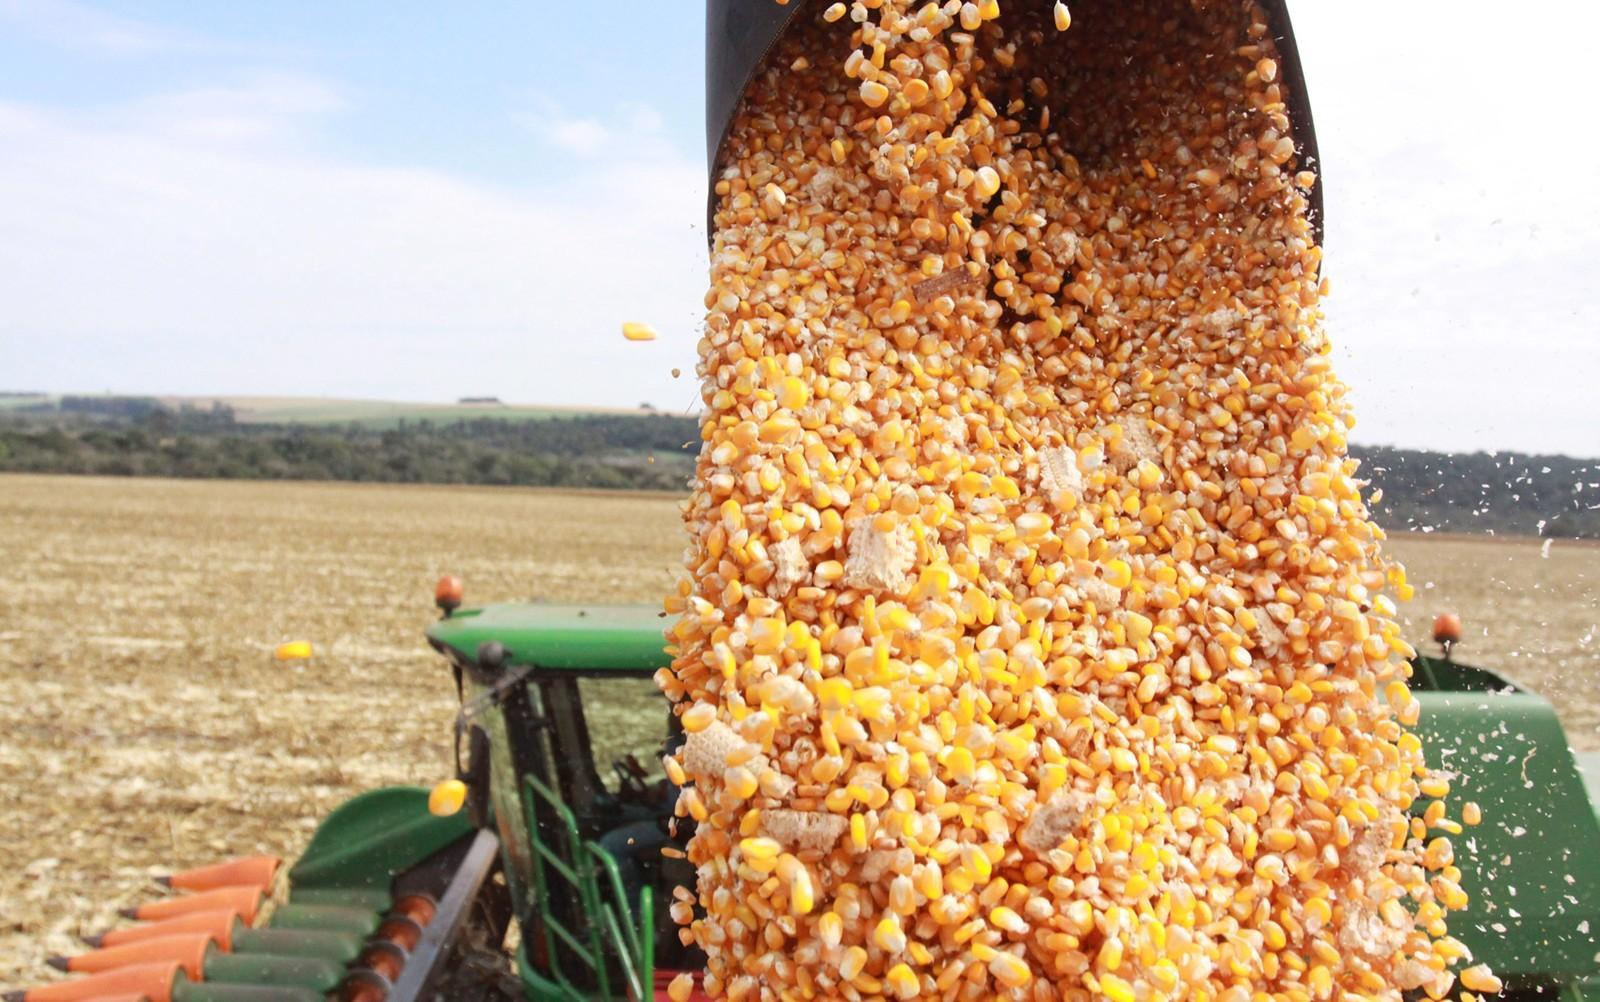 Governo projeta safra de grãos 6% maior no Paraná impulsionada pela produção de milho